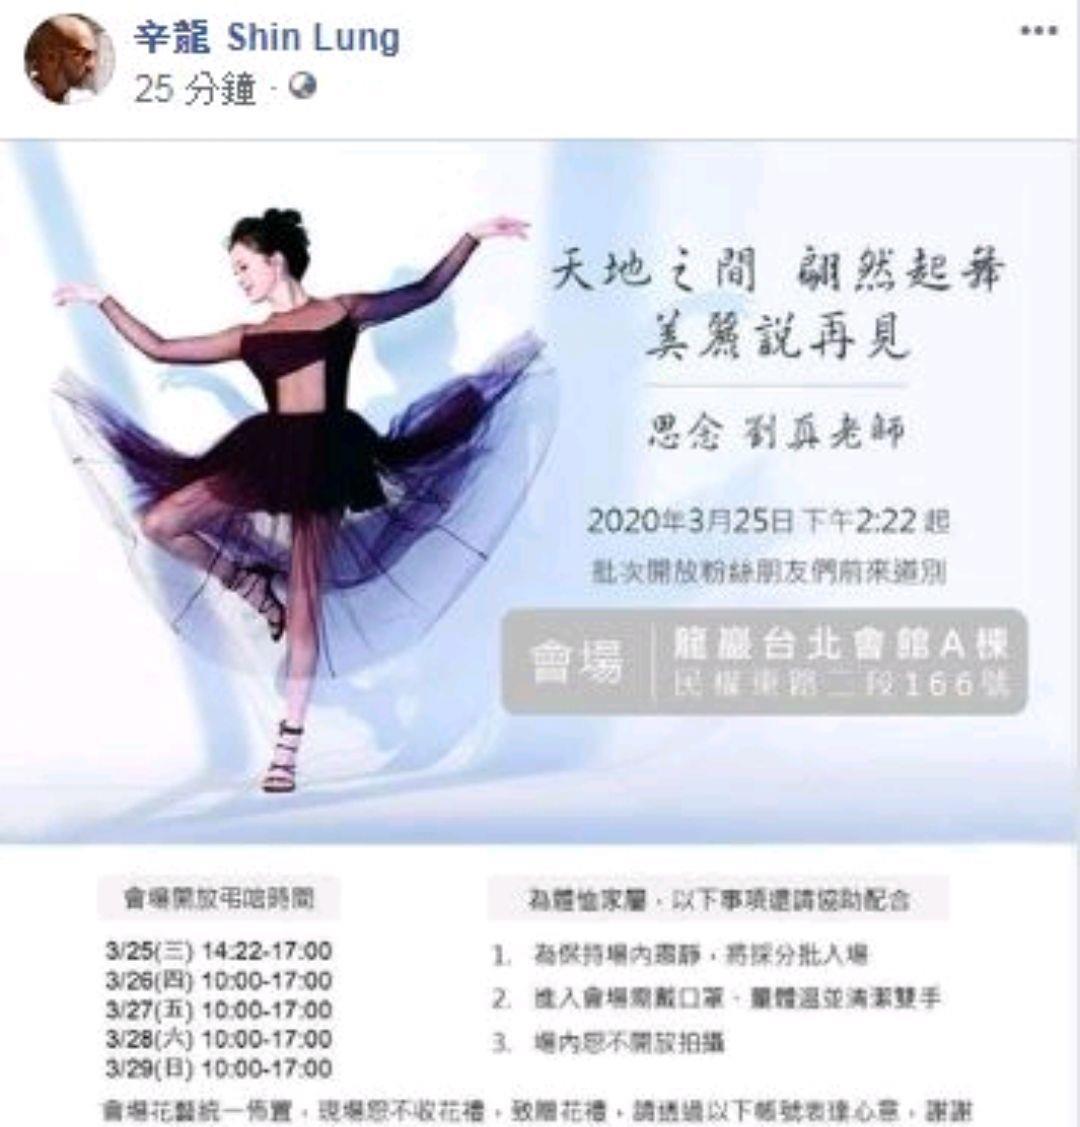 刘真去世3天辛龙首发文,晒妻子生前美照以表思念